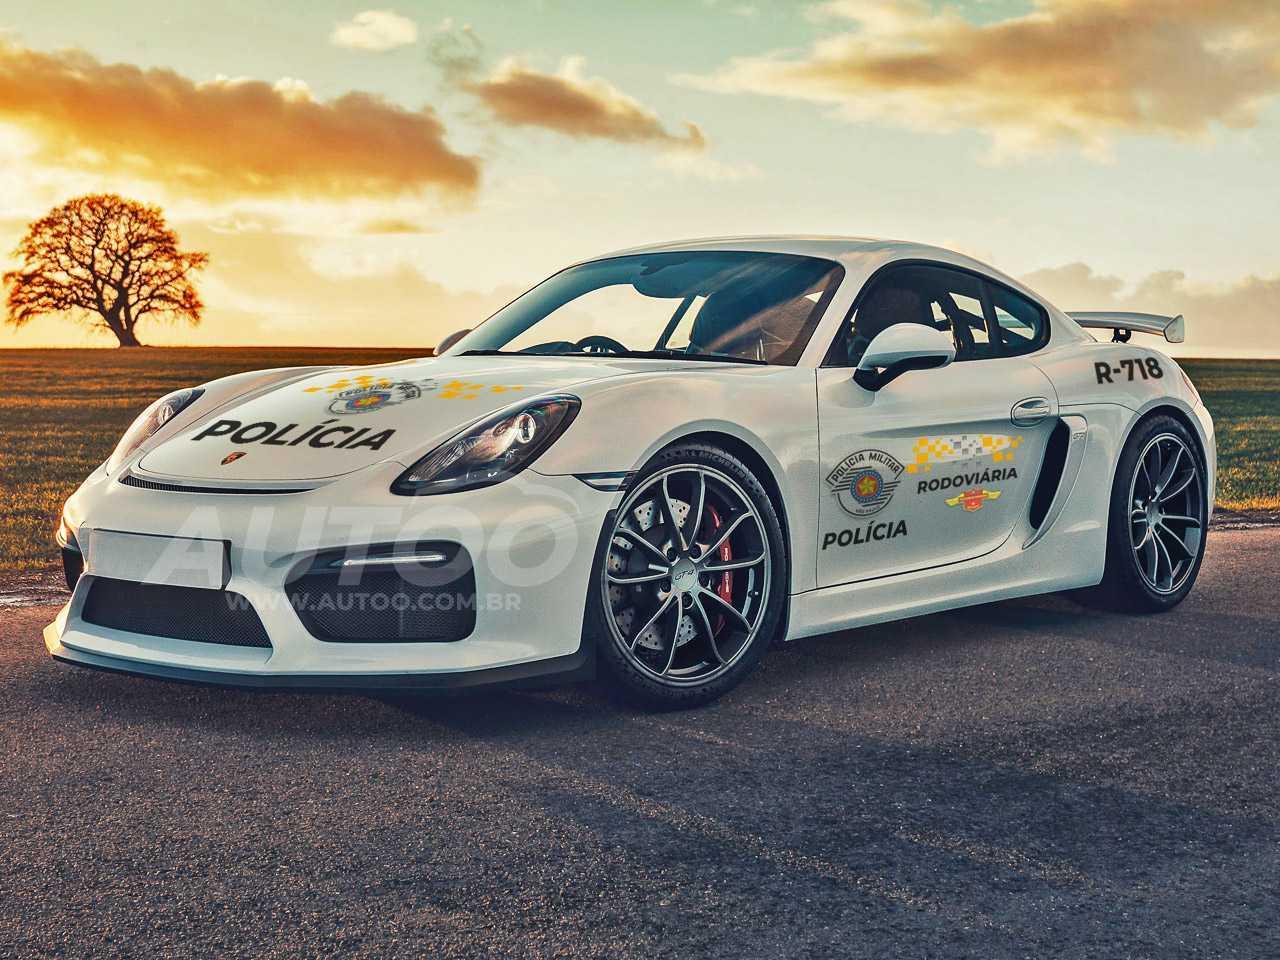 Em breve nas estradas paulistas: Porsche Cayman apreendido deve equipar Polícia Rodoviária de São Paulo